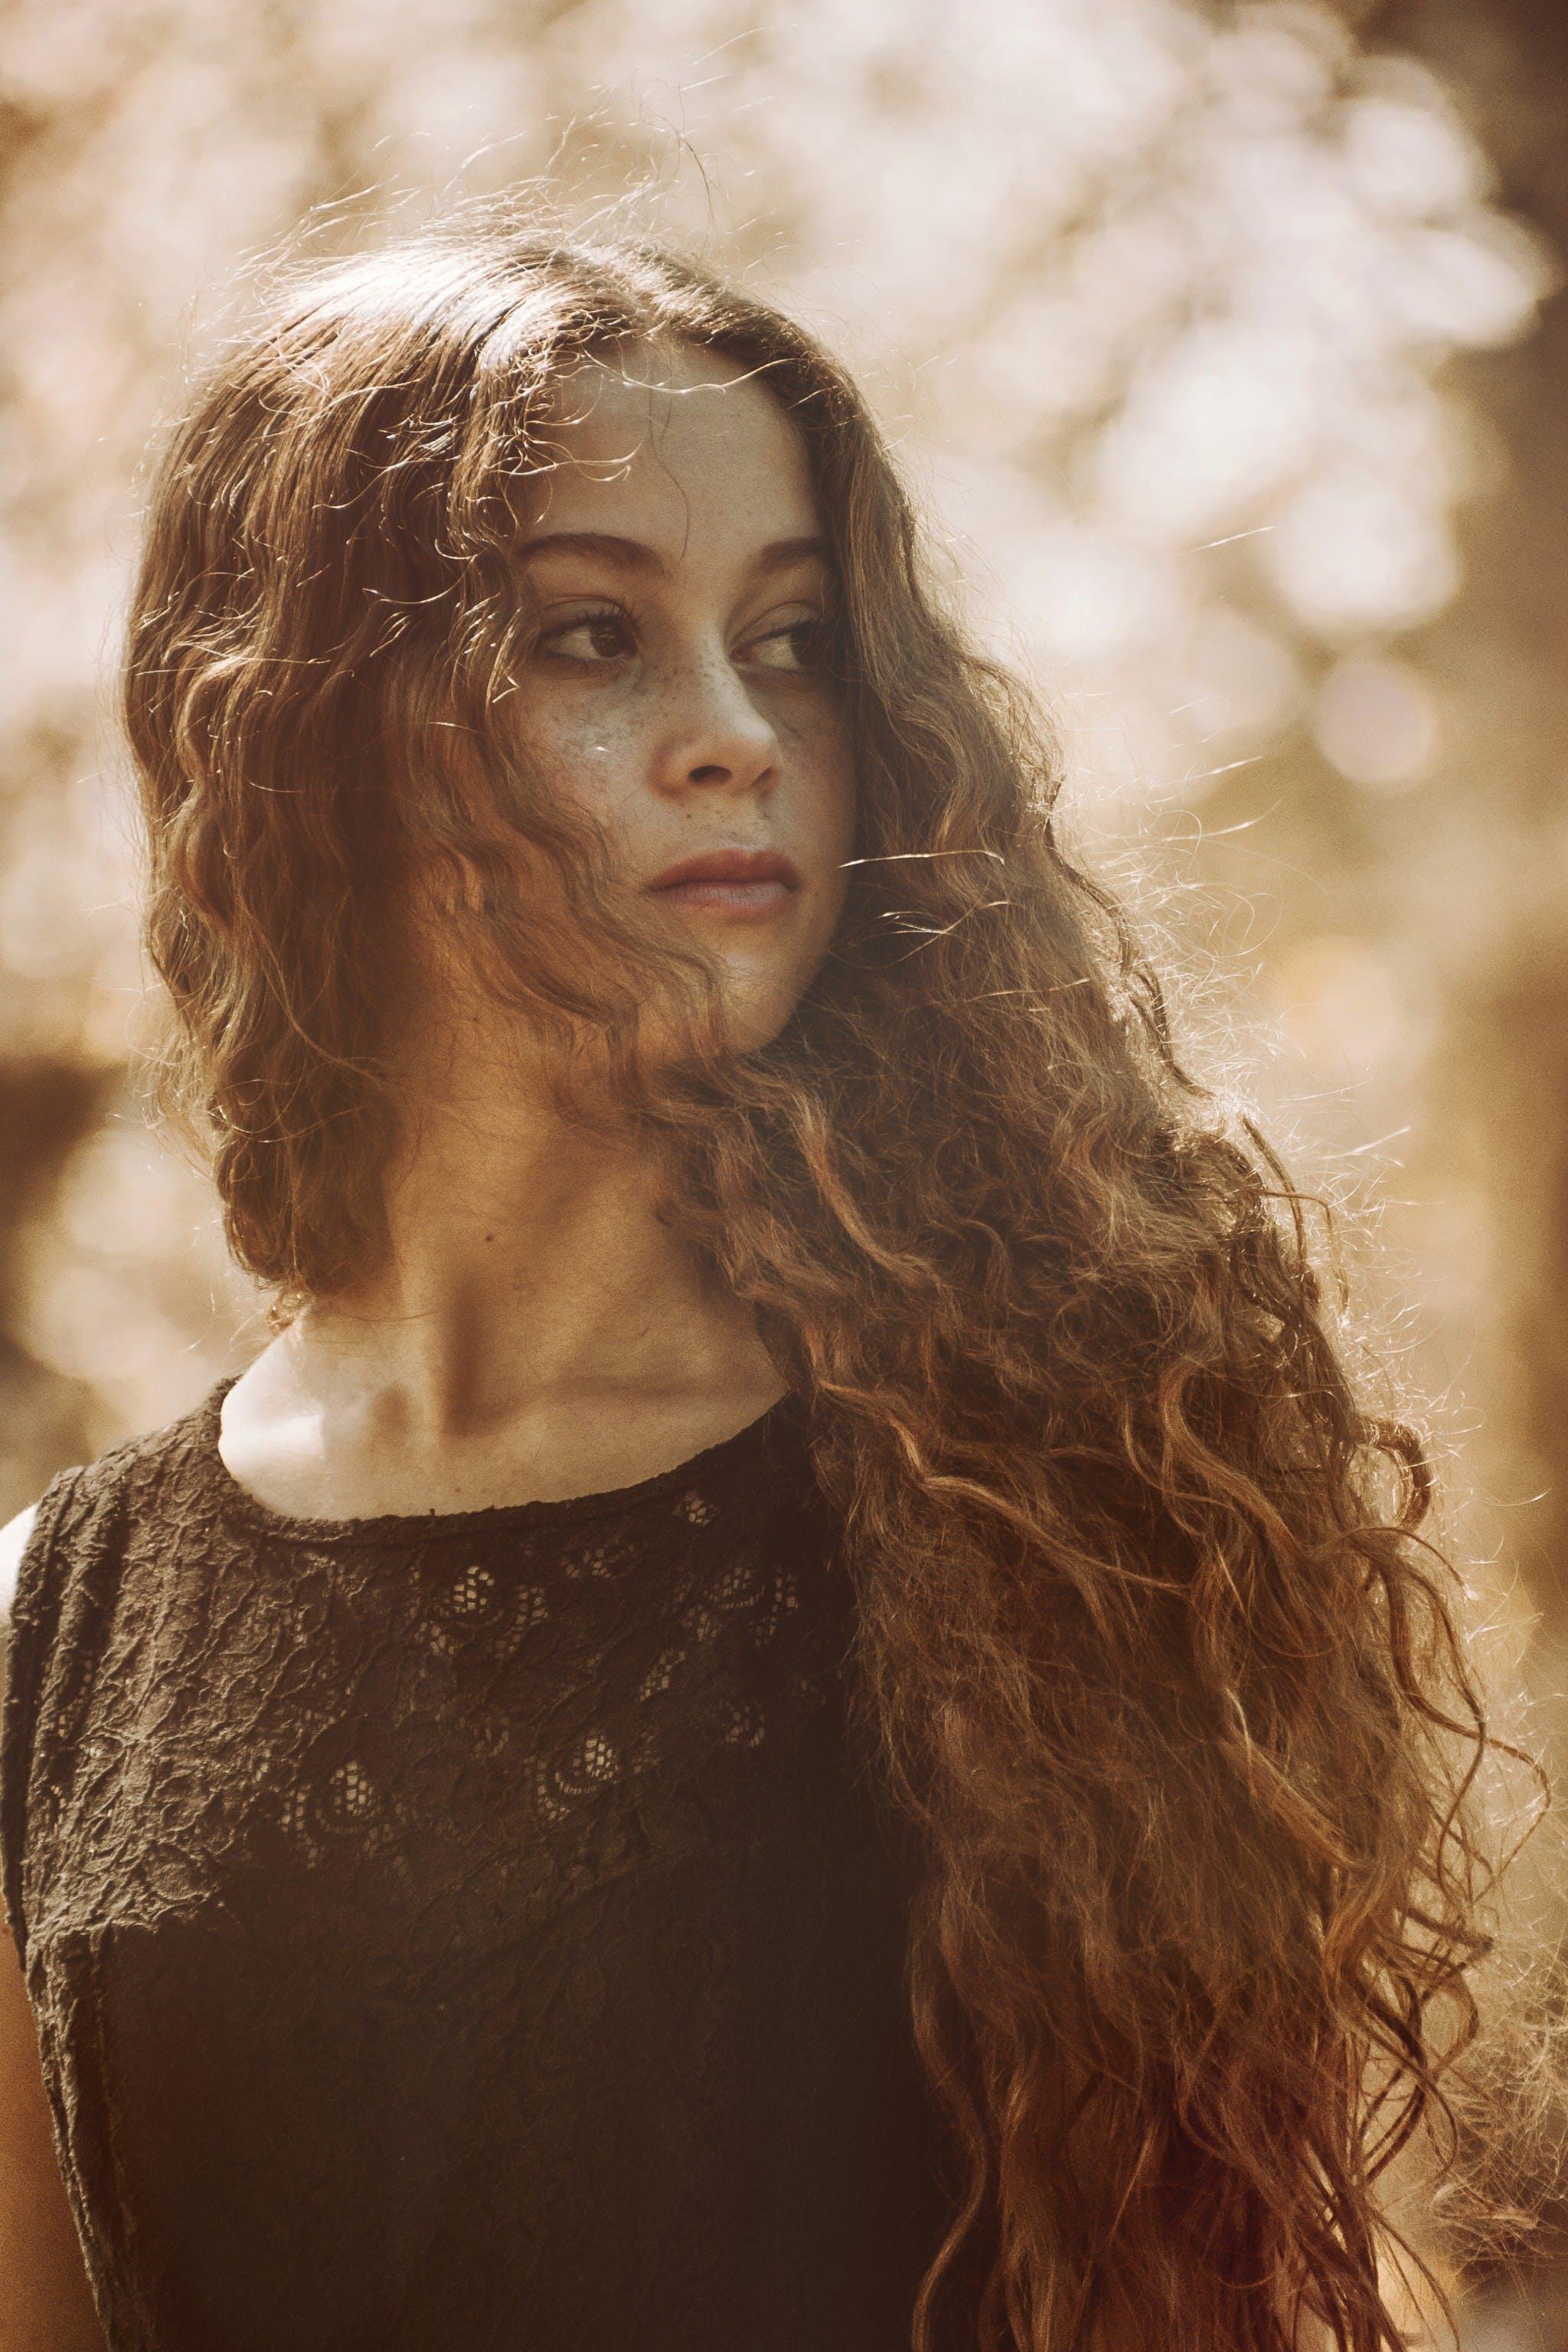 ヘア, モデル, レディ, 人の無料の写真素材